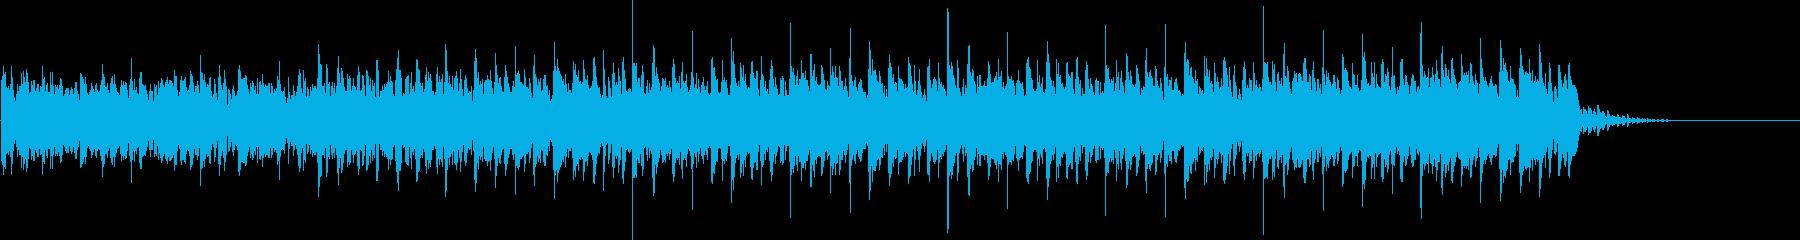 STARDANCEの再生済みの波形